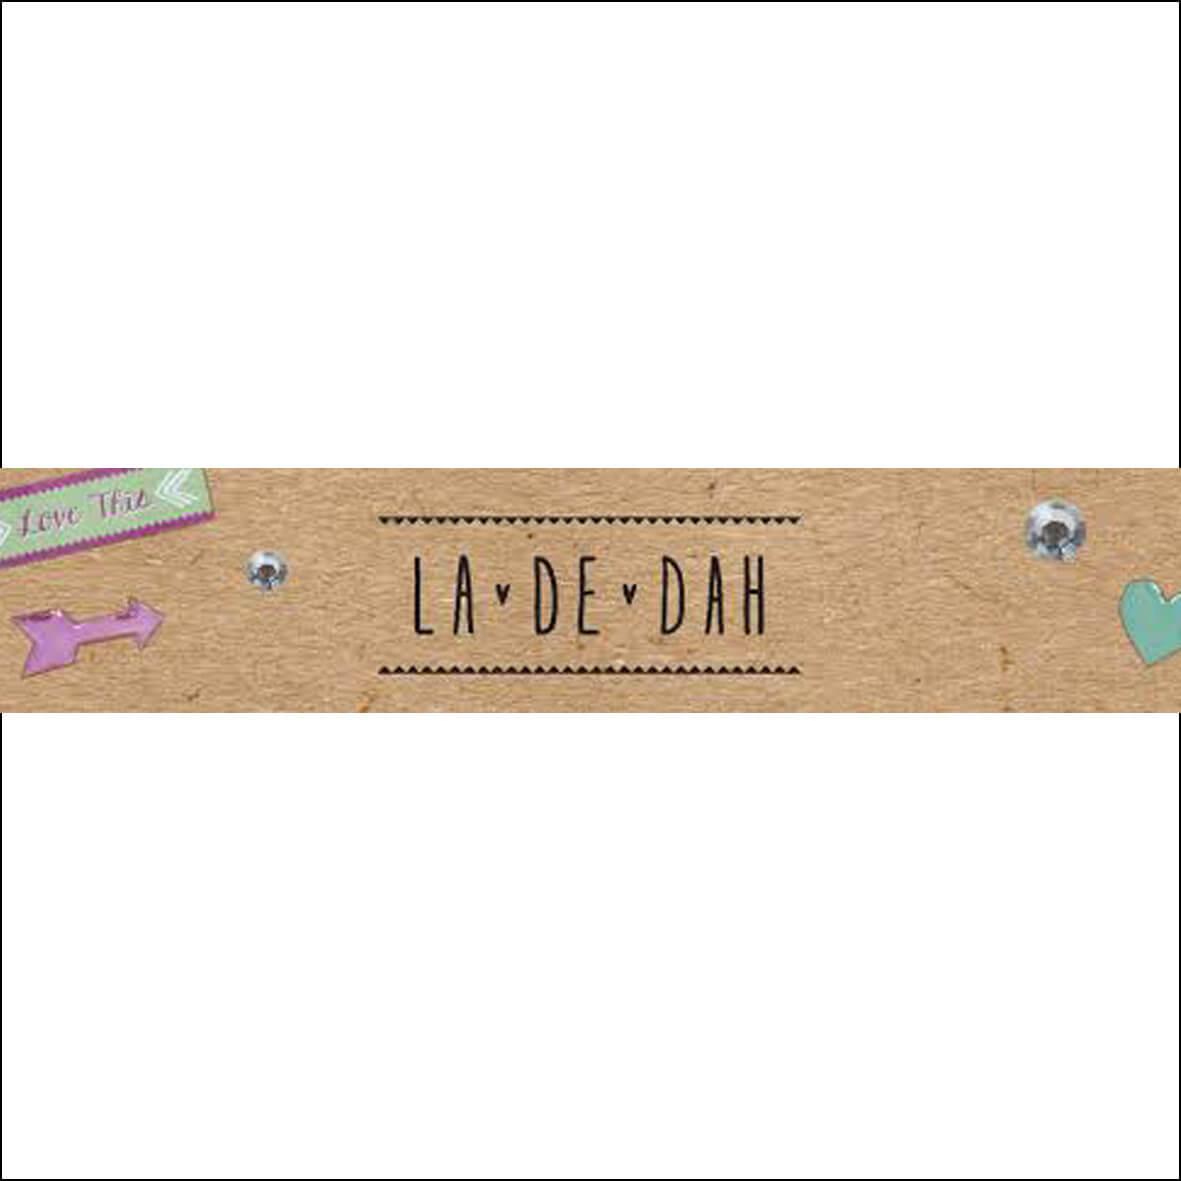 LA-DE-DAH